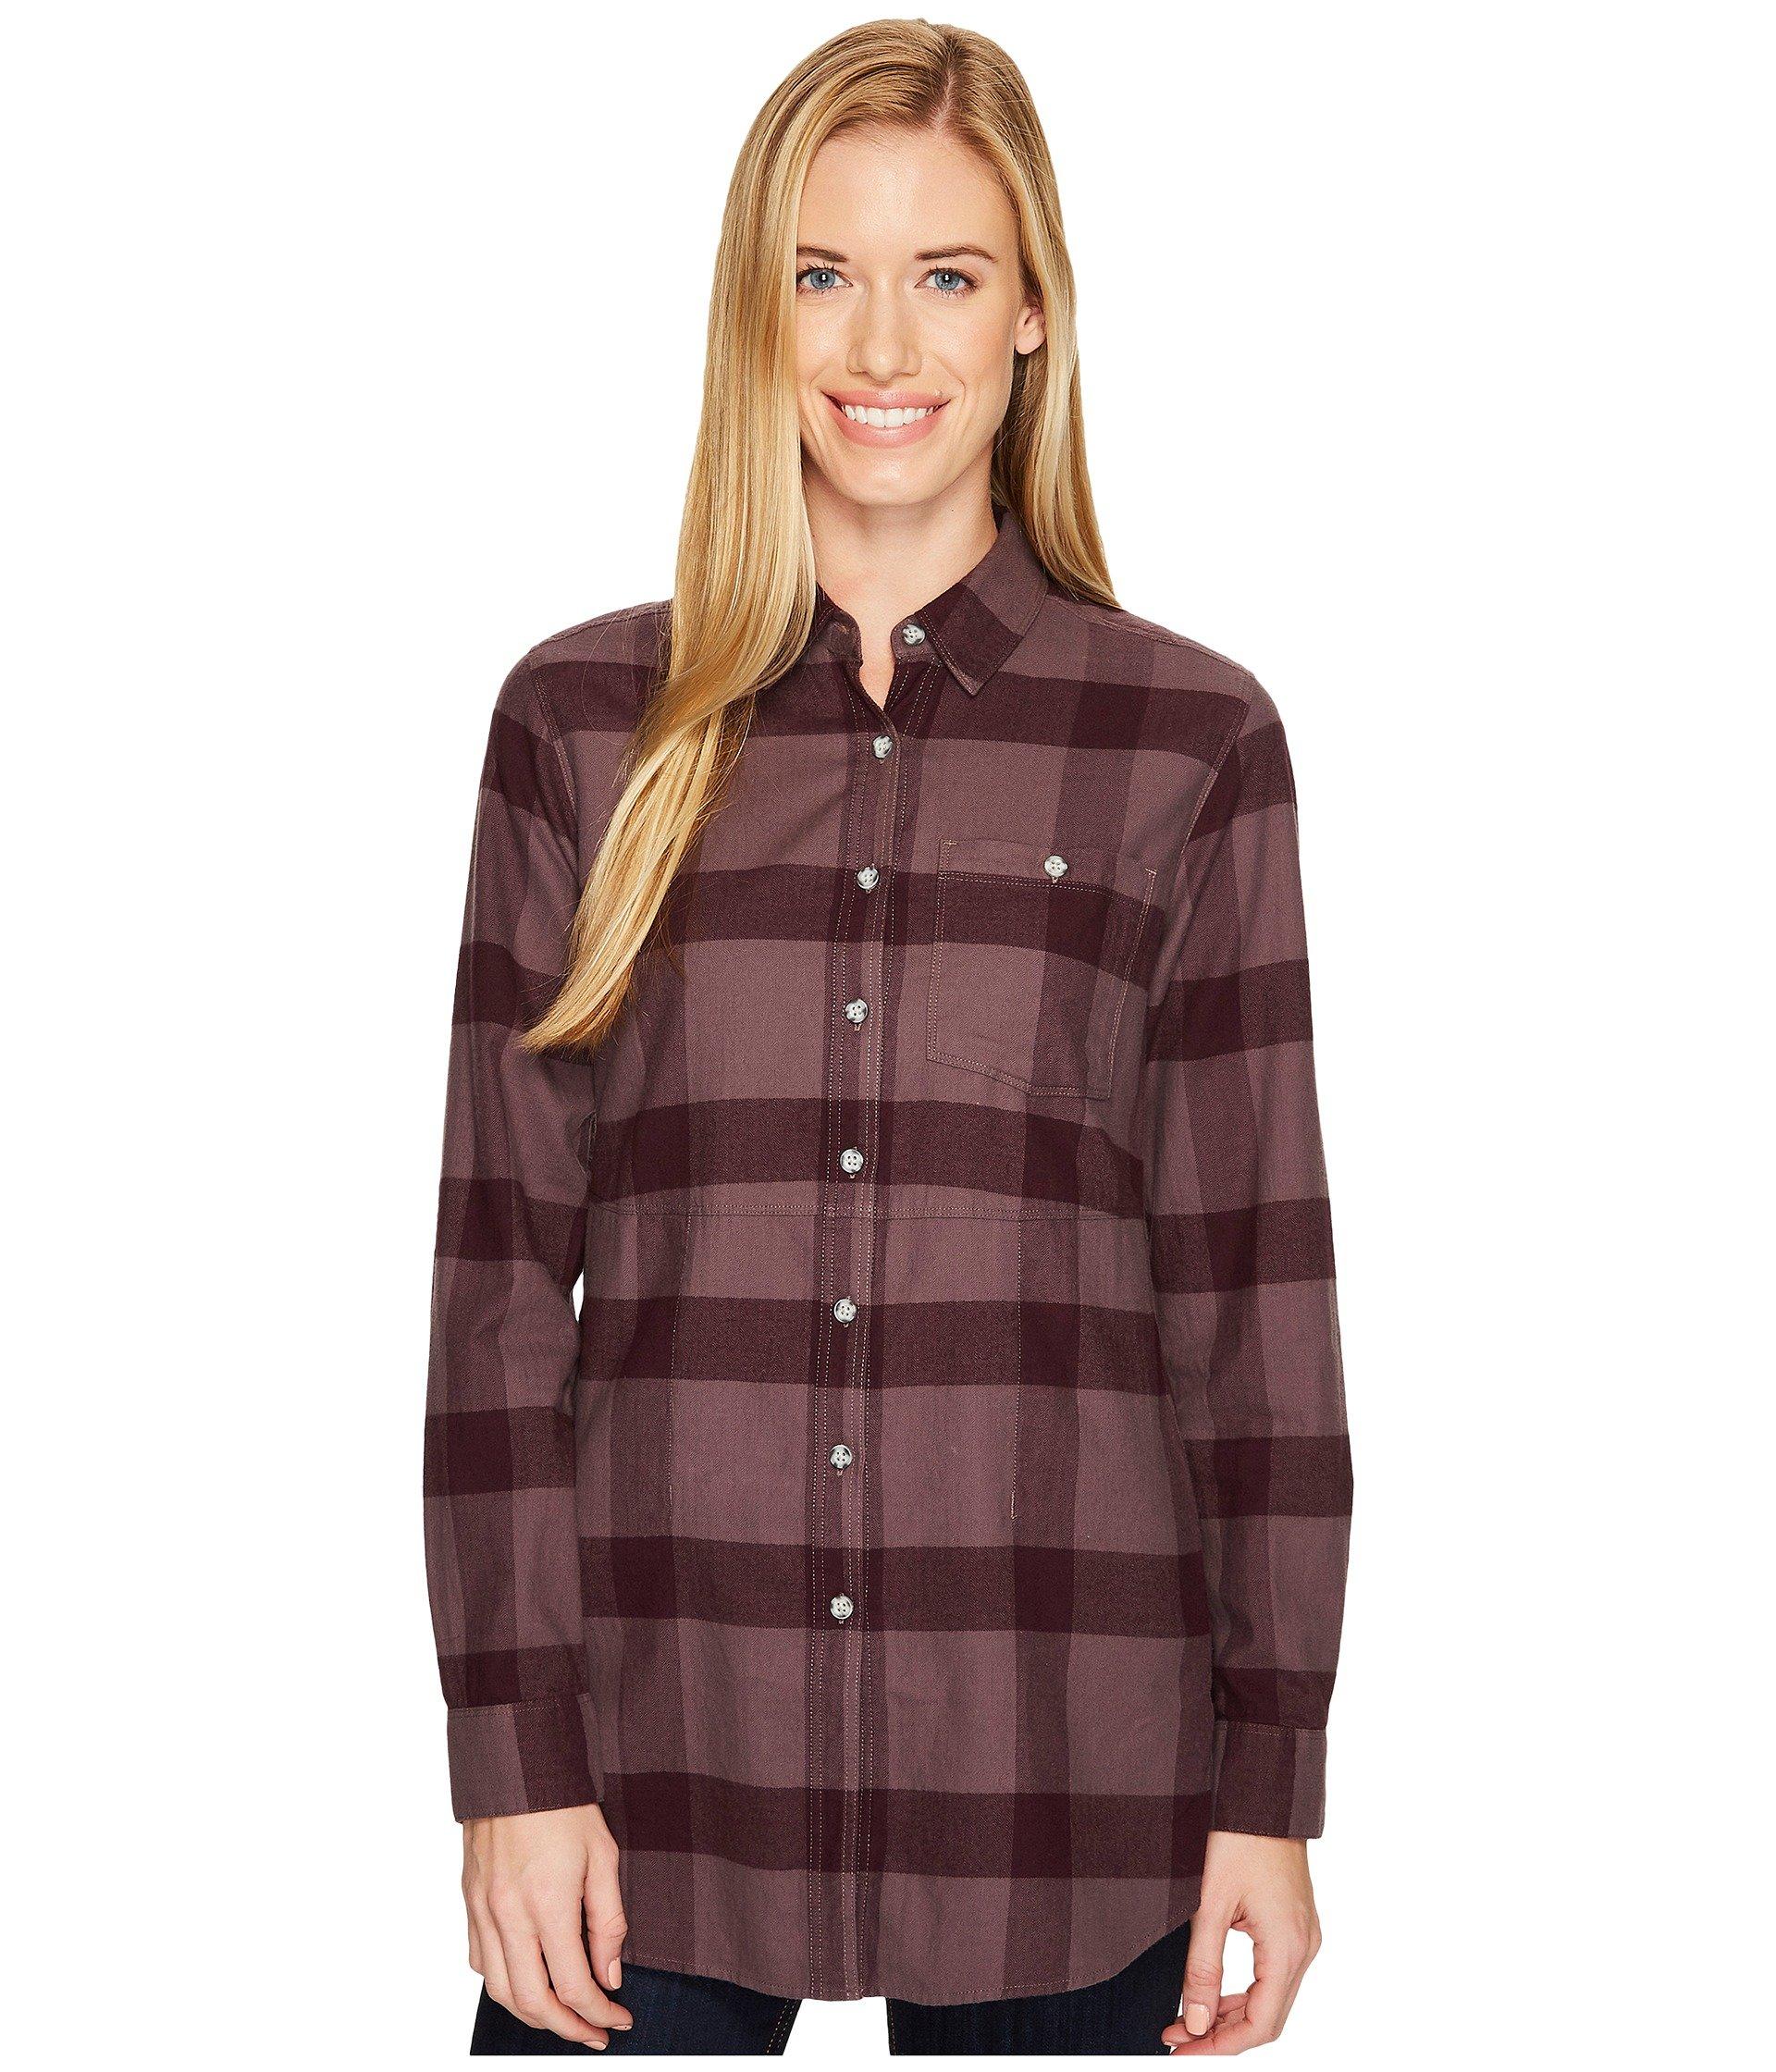 MOUNTAIN HARDWEAR Pt. Isabel Long Sleeve Tunic, Purple Sage